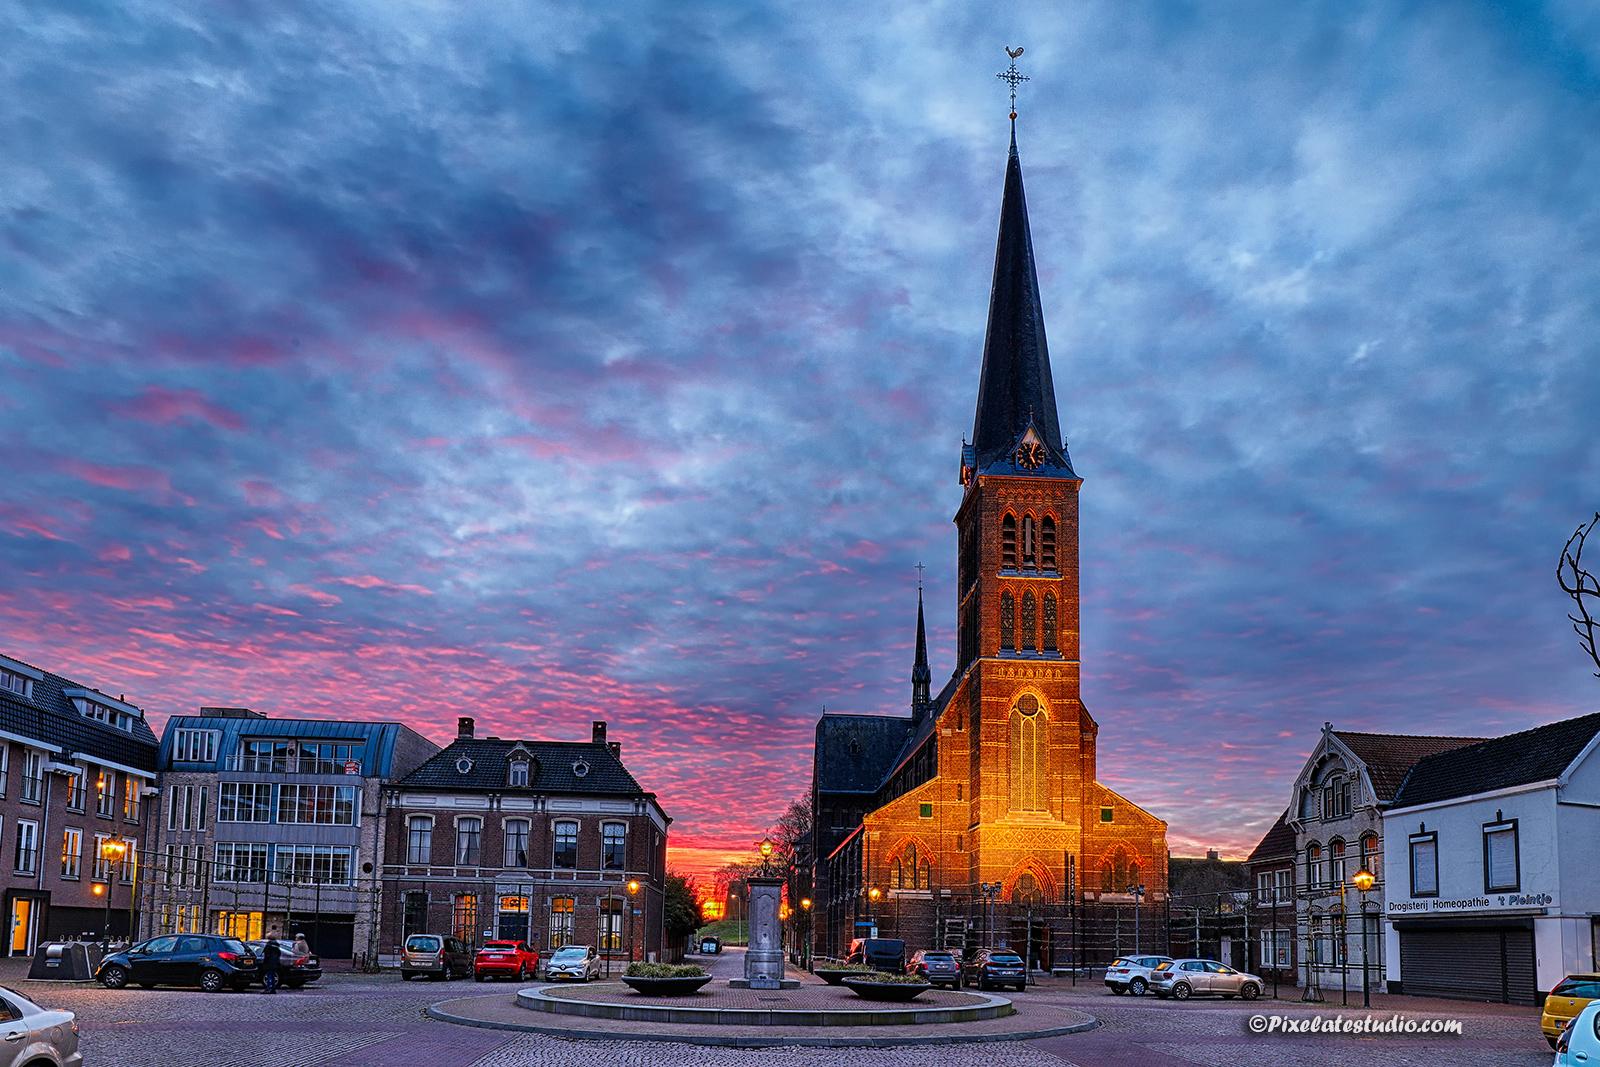 mooie foto van Markt 4 te Sas van Gent